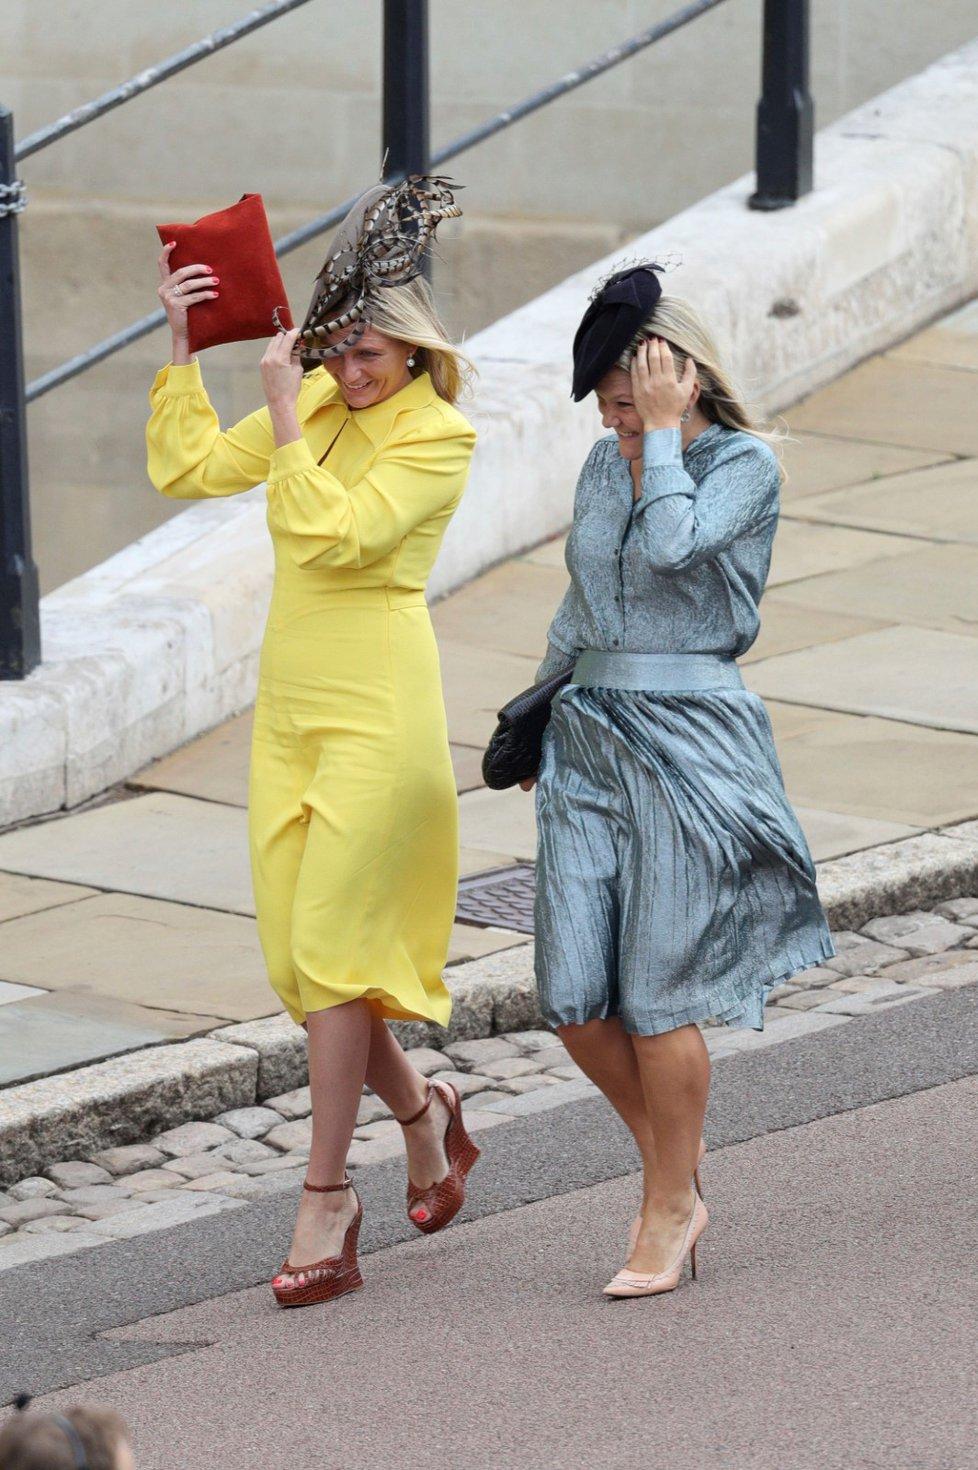 Hosté přicházejí na svatbu princezny Eugenie.